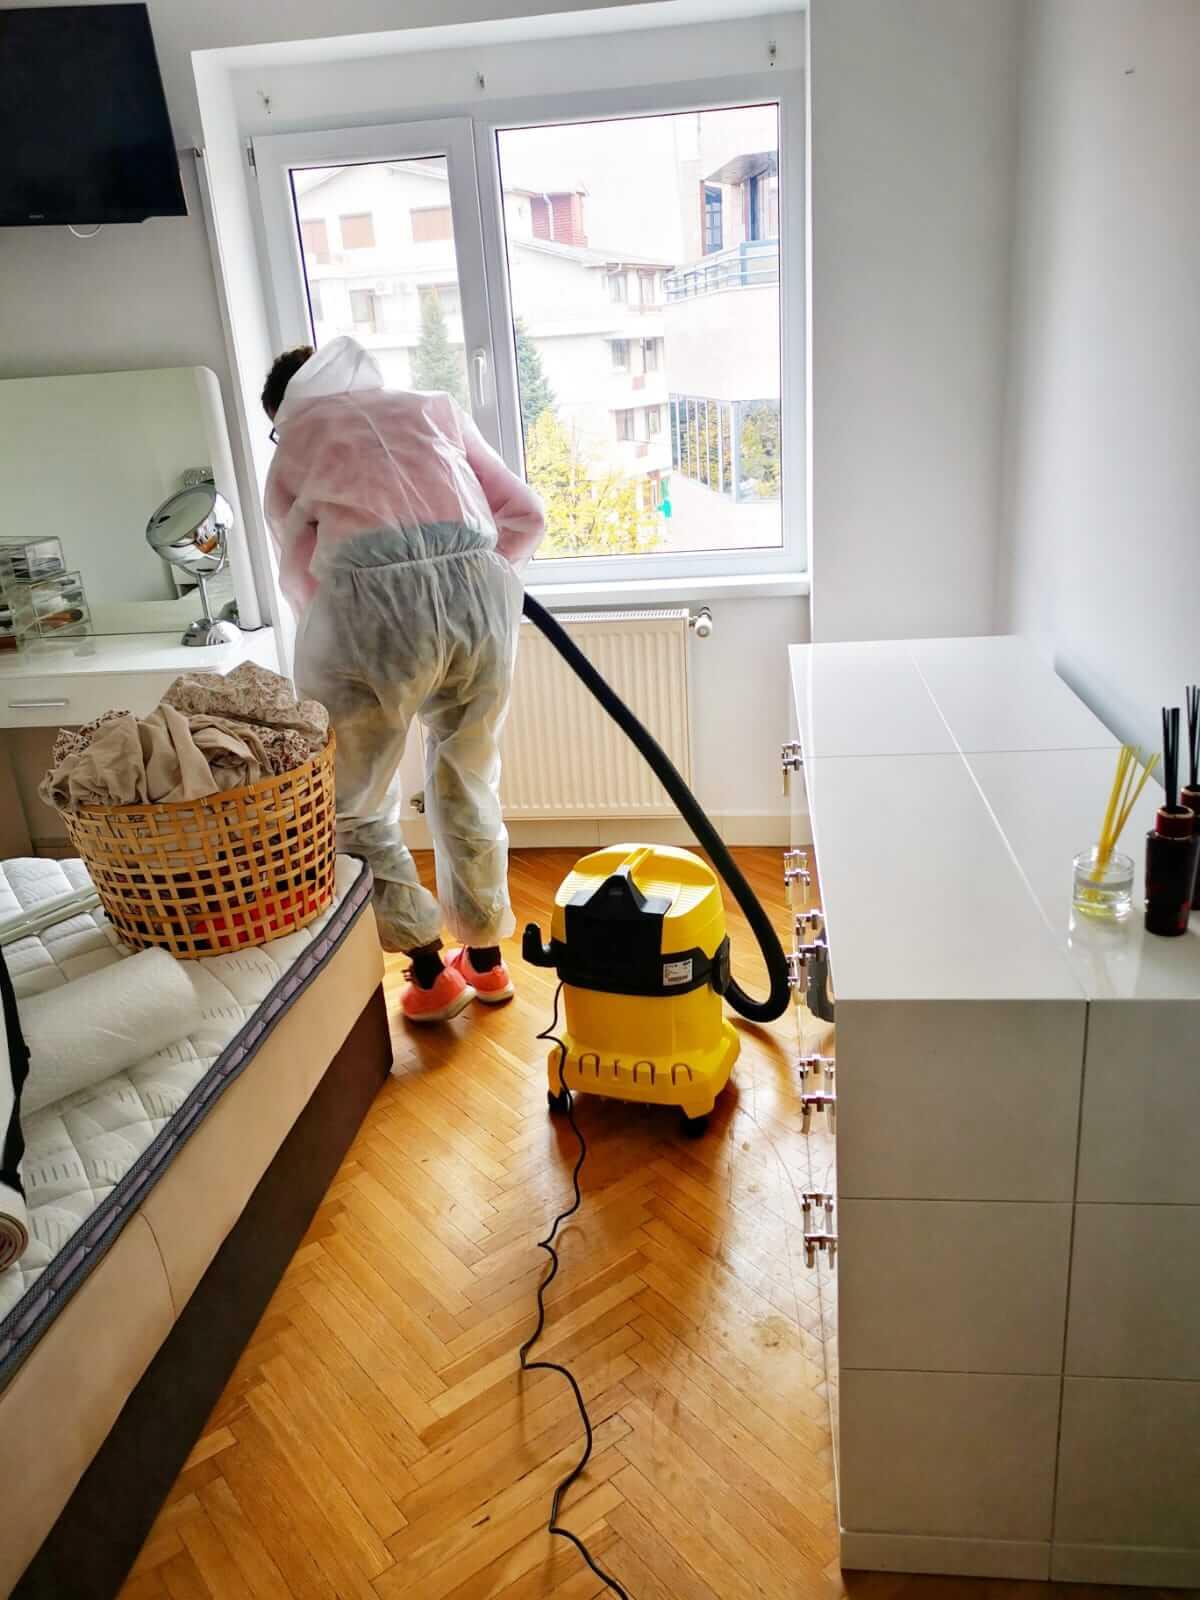 curatenie domiciliu bucuresti